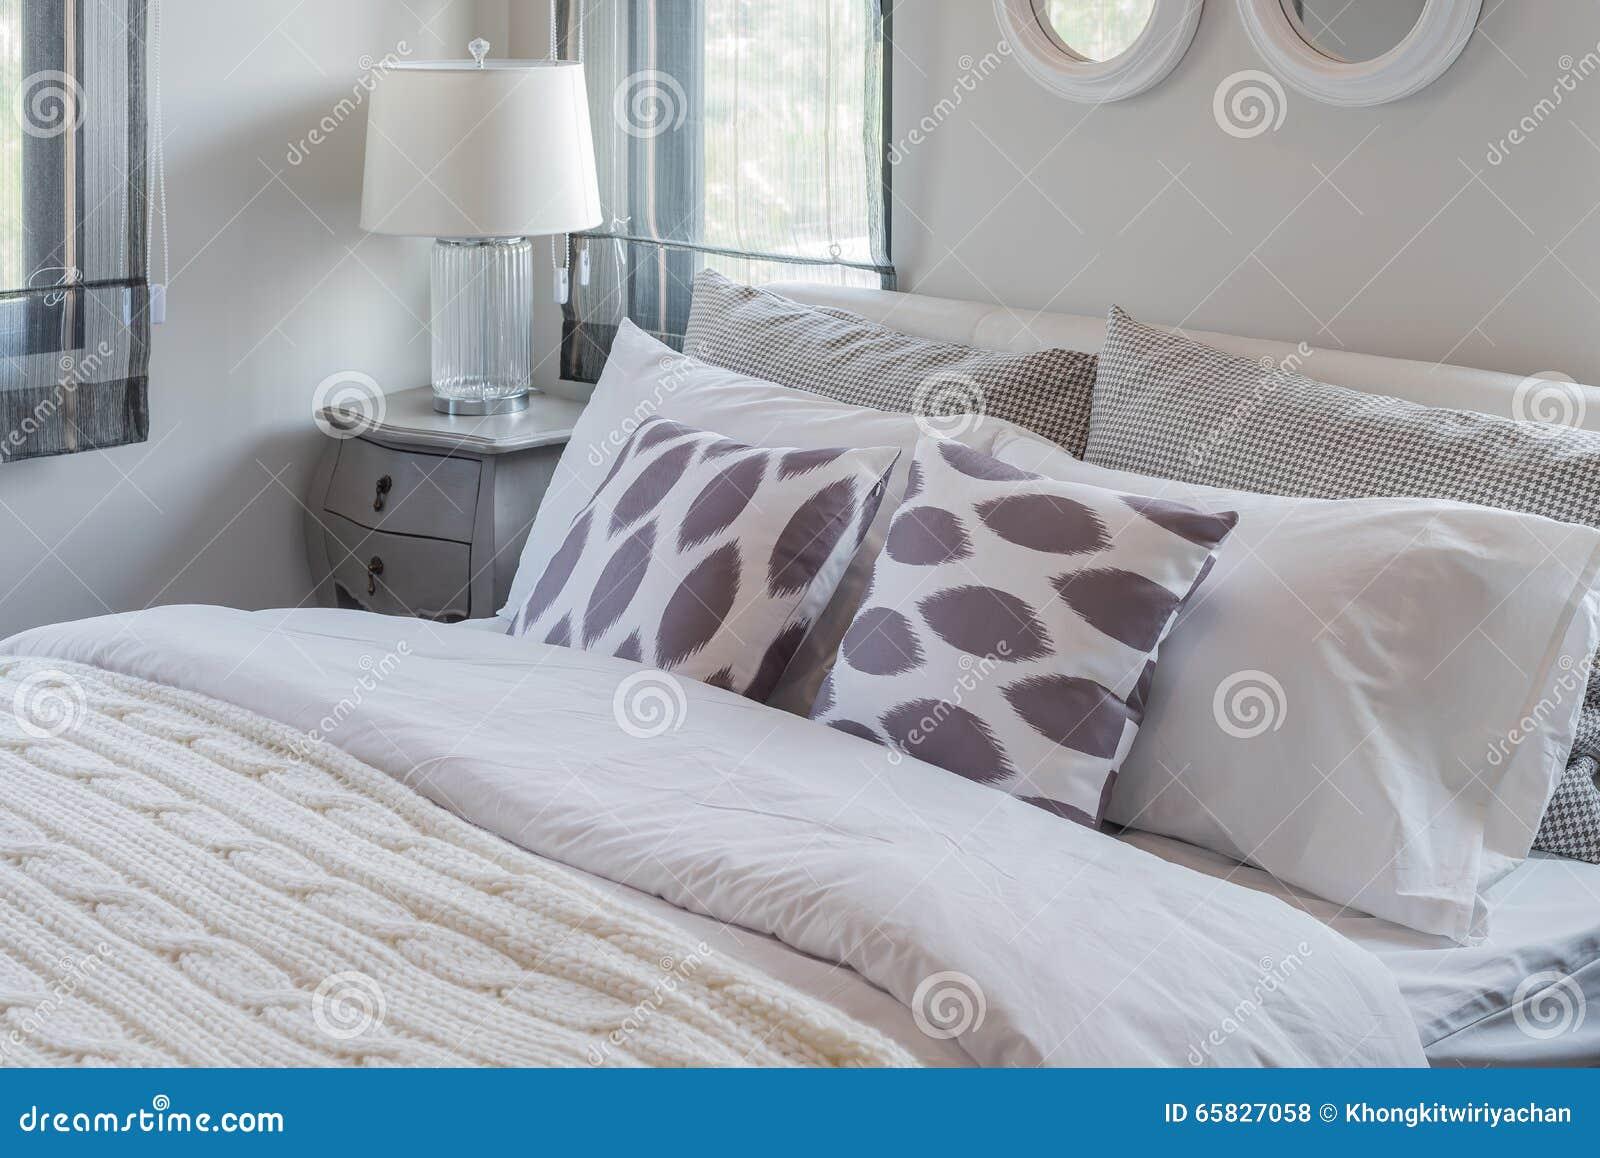 Modernes Weißes Schlafzimmer Mit Weißem Bett Und Weißer Lampe ...